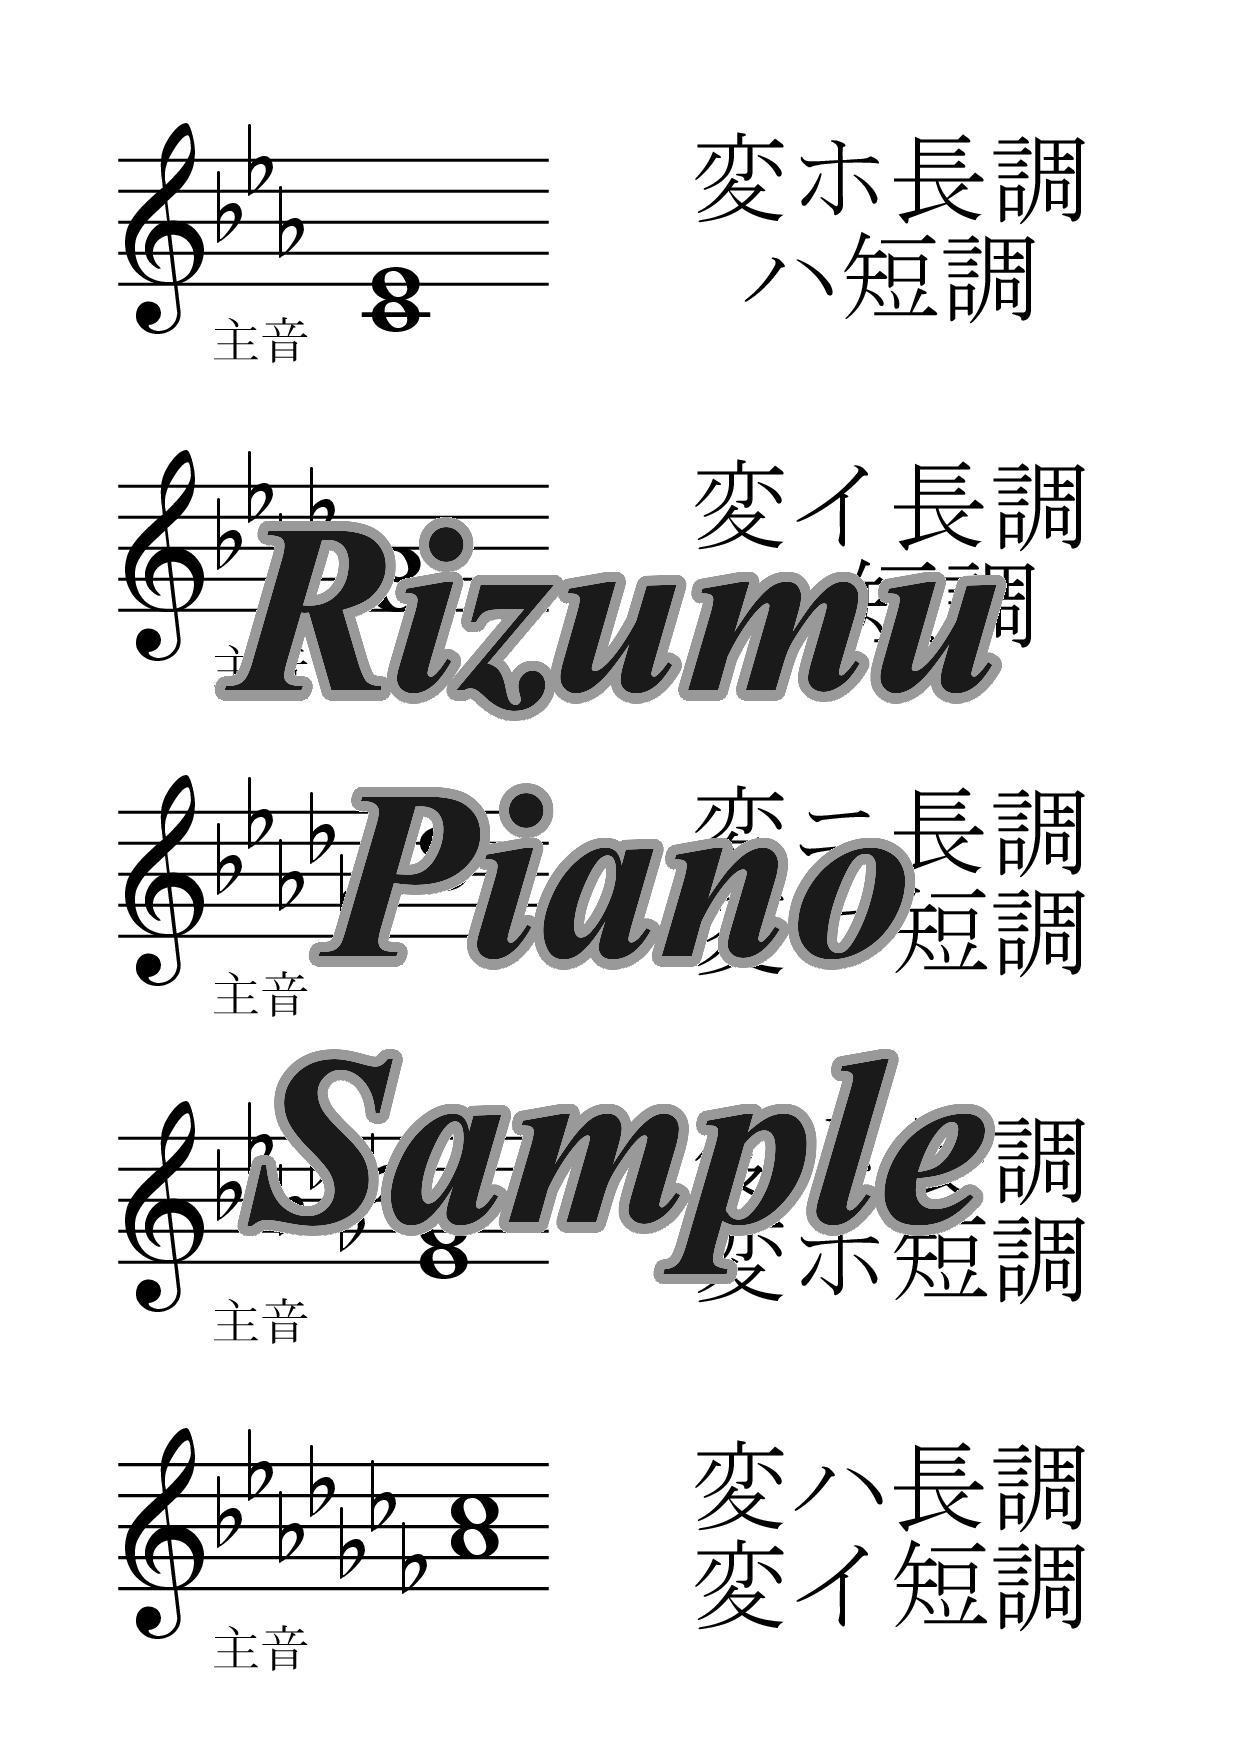 無料 楽譜 サイト